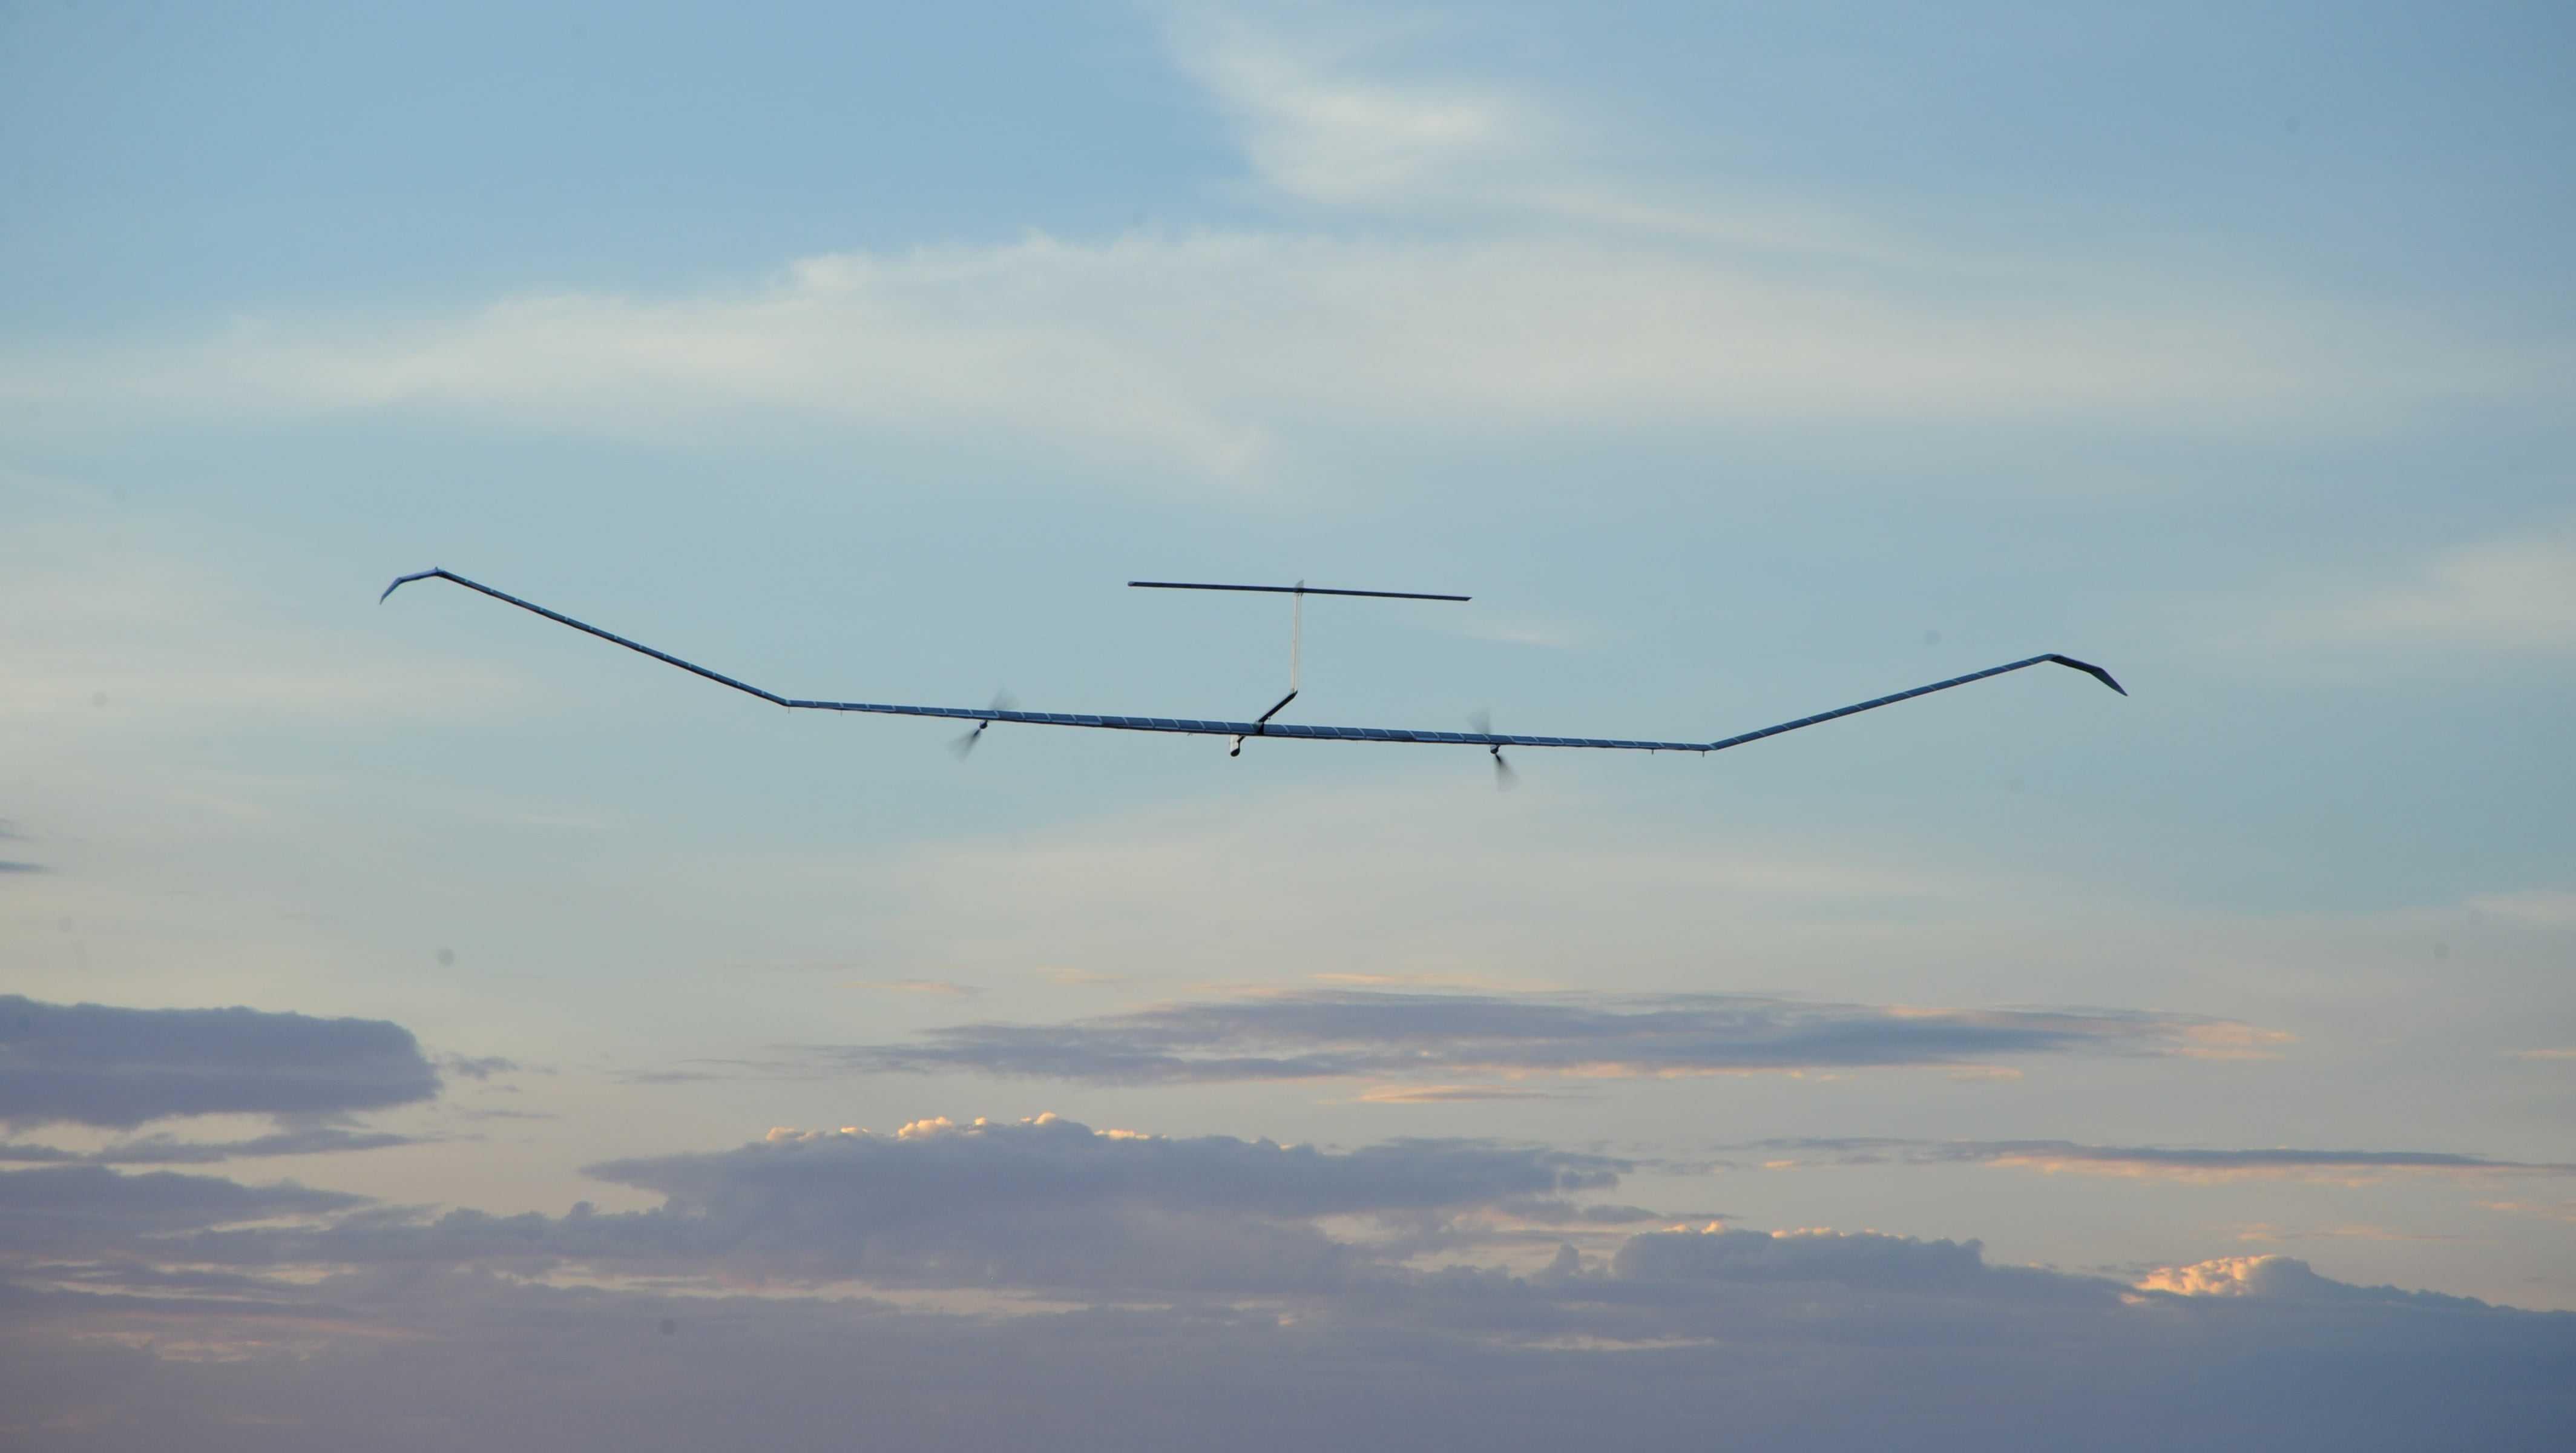 Европейский псевдоспутник Zephyr S установил рекорд высоты